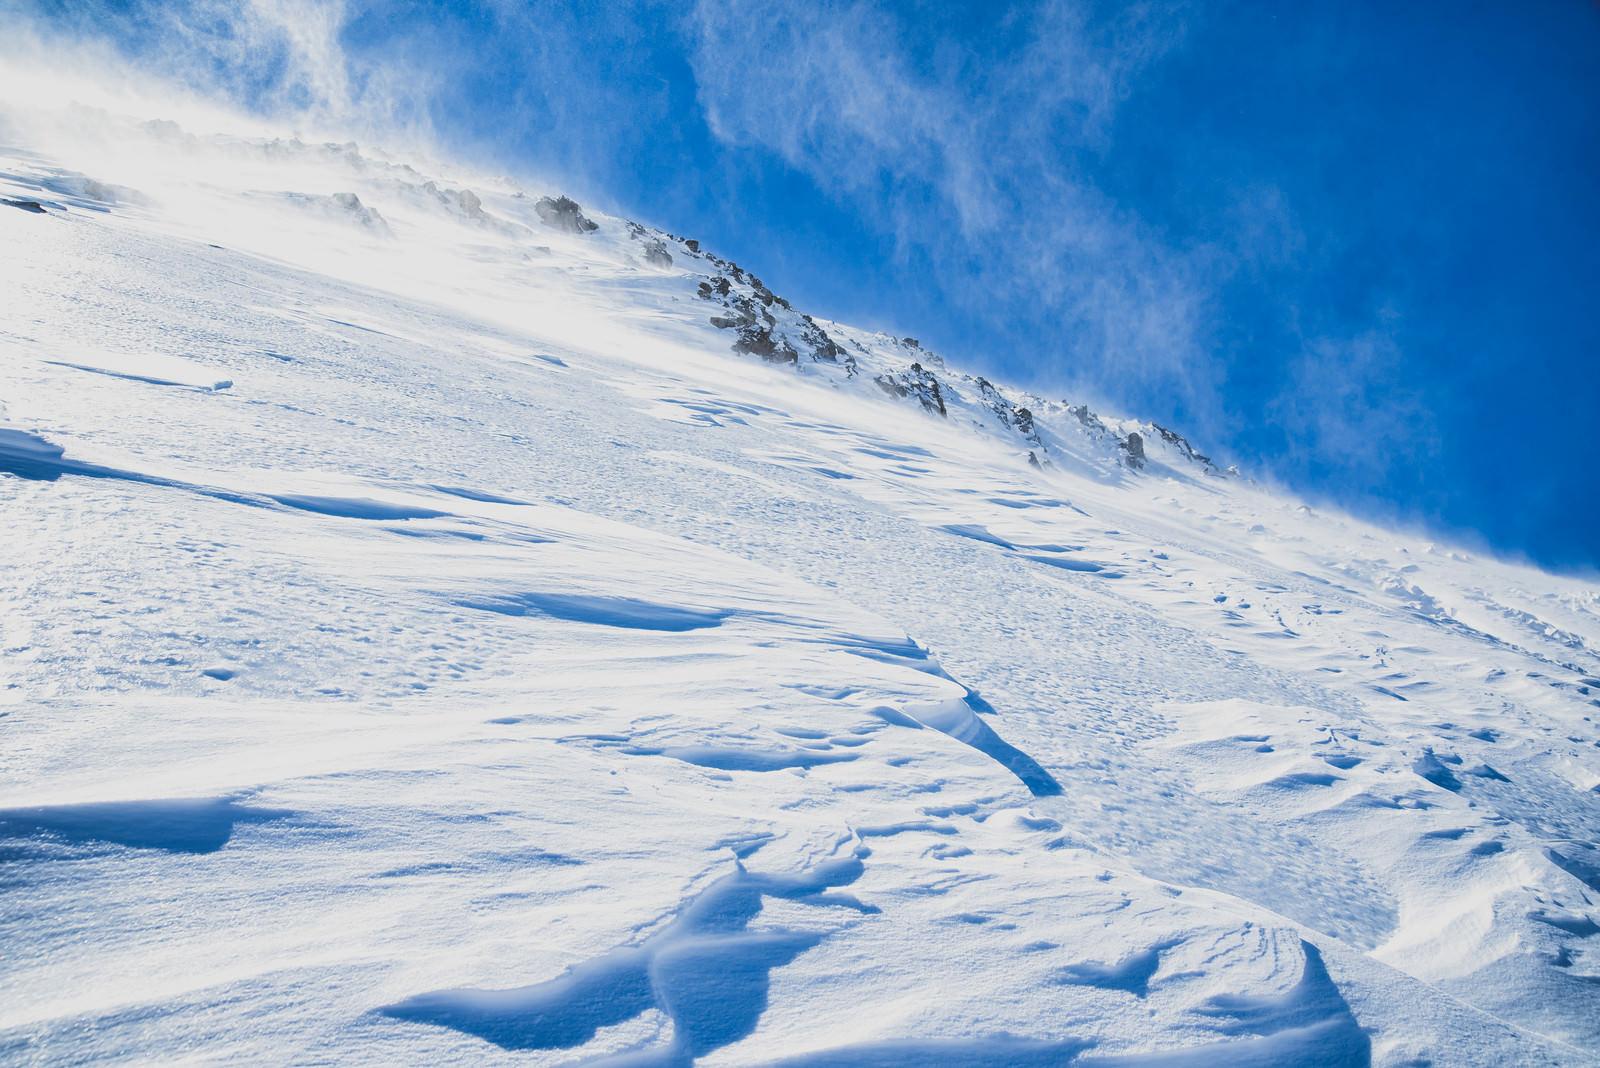 「風吹き荒れる雪山の斜面」の写真